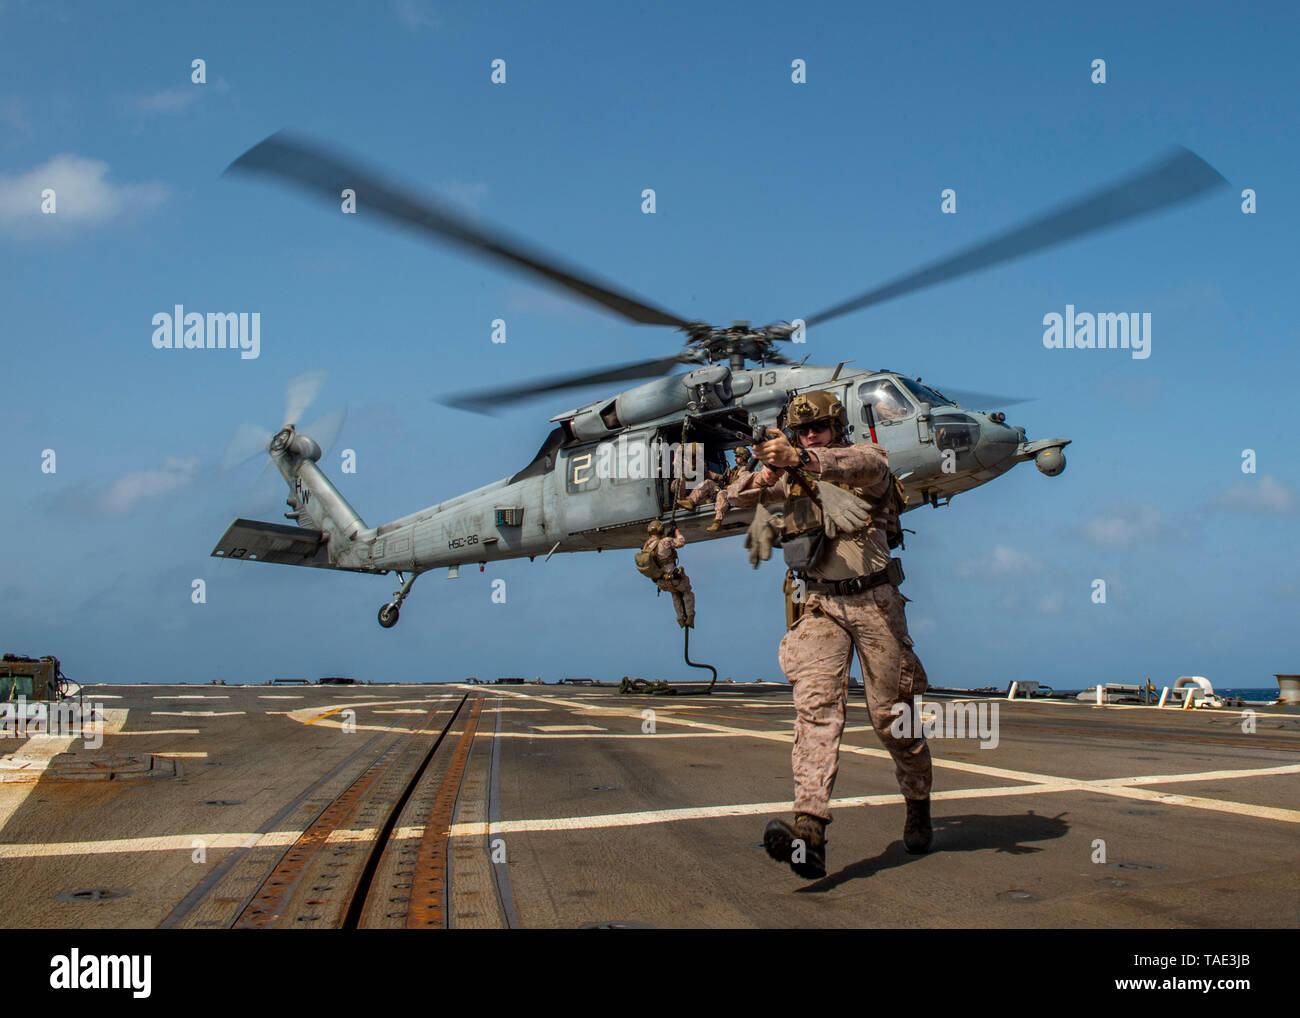 """190518-N-SS350-0113 Mar Arábigo (18 de mayo de 2019), los infantes de Marina asignados a la 22ª Unidad Expedicionaria de los Infantes de Marina (MEU) fast-cuerda de un MH-60 Mar helicóptero Halcón, asignados a los """"cargadores"""" de Mar escuadrón de helicópteros de combate (HSC) 26, en la cubierta de vuelo de la clase Arleigh Burke de misiles guiados destructor USS Bainbridge (DDG 96) durante una visita, junta, búsqueda e incautación de formación. El Abraham Lincoln Carrier Strike Group (ABECSG) y KAARSARGE Amphibious disposición Group (KSGARG) están realizando operaciones conjuntas en los EE.UU. 5ª zona de operaciones de la flota. El KSGARG ABECSG y, con la 22ª MEU, se prepar Imagen De Stock"""